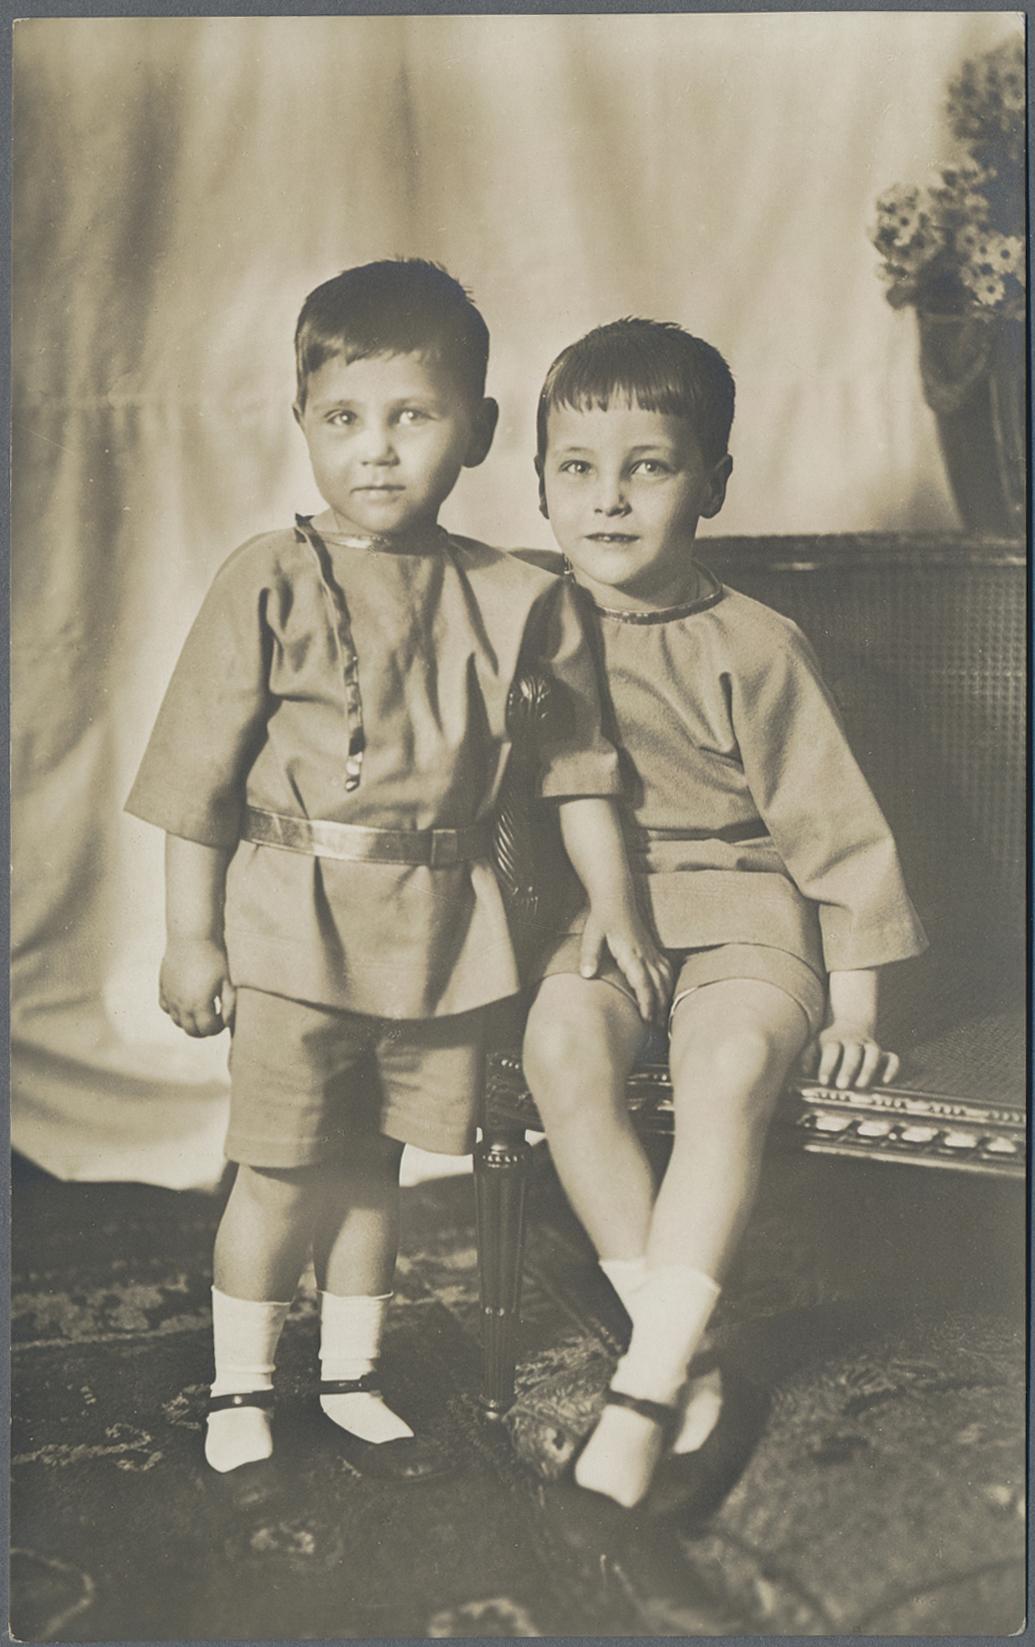 Hessische Prinzen (Söhne) im Sommerkleidung